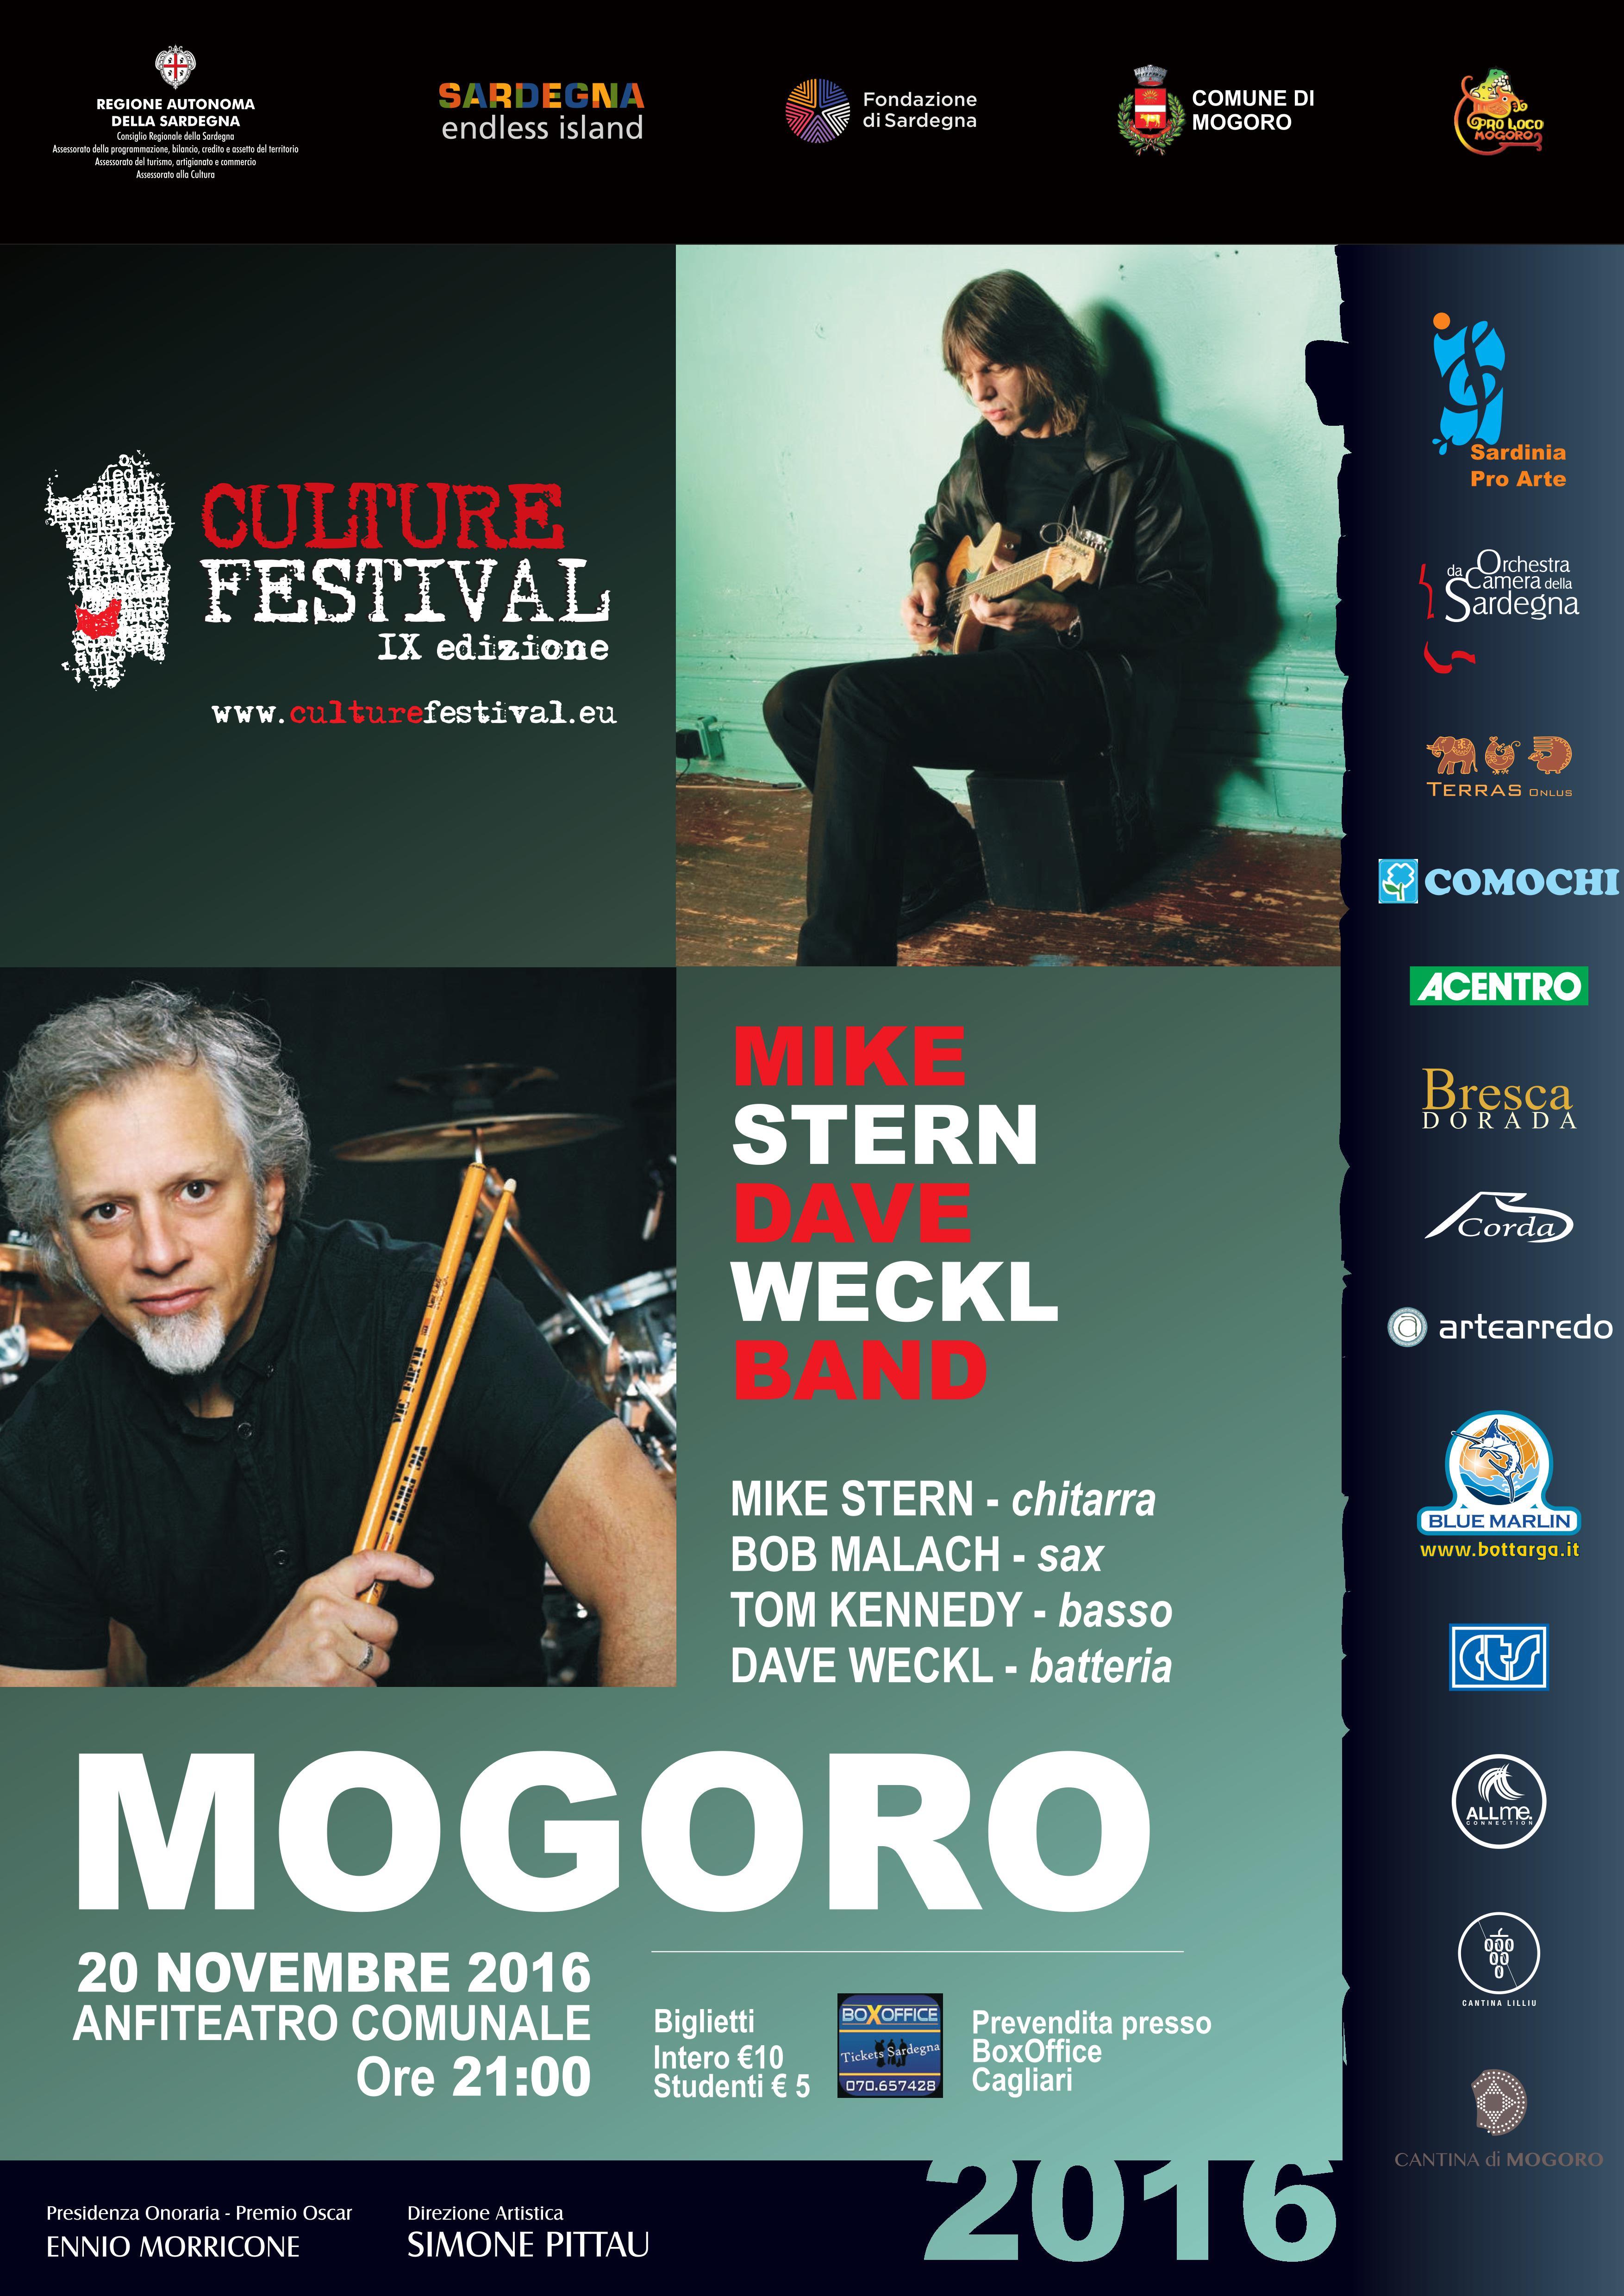 Ancora un evento targato Culture Festival con una band statunitenste di all star, che a Mogoro il prossimo 20 novembre vedrà sul palco dell'anfiteatro comunale il quartetto capitanato dal chitarrista MIKE STERN e dal batterista DAVE WECKL, con TOM KENNEDY al basso e BOB MALACH al sax.